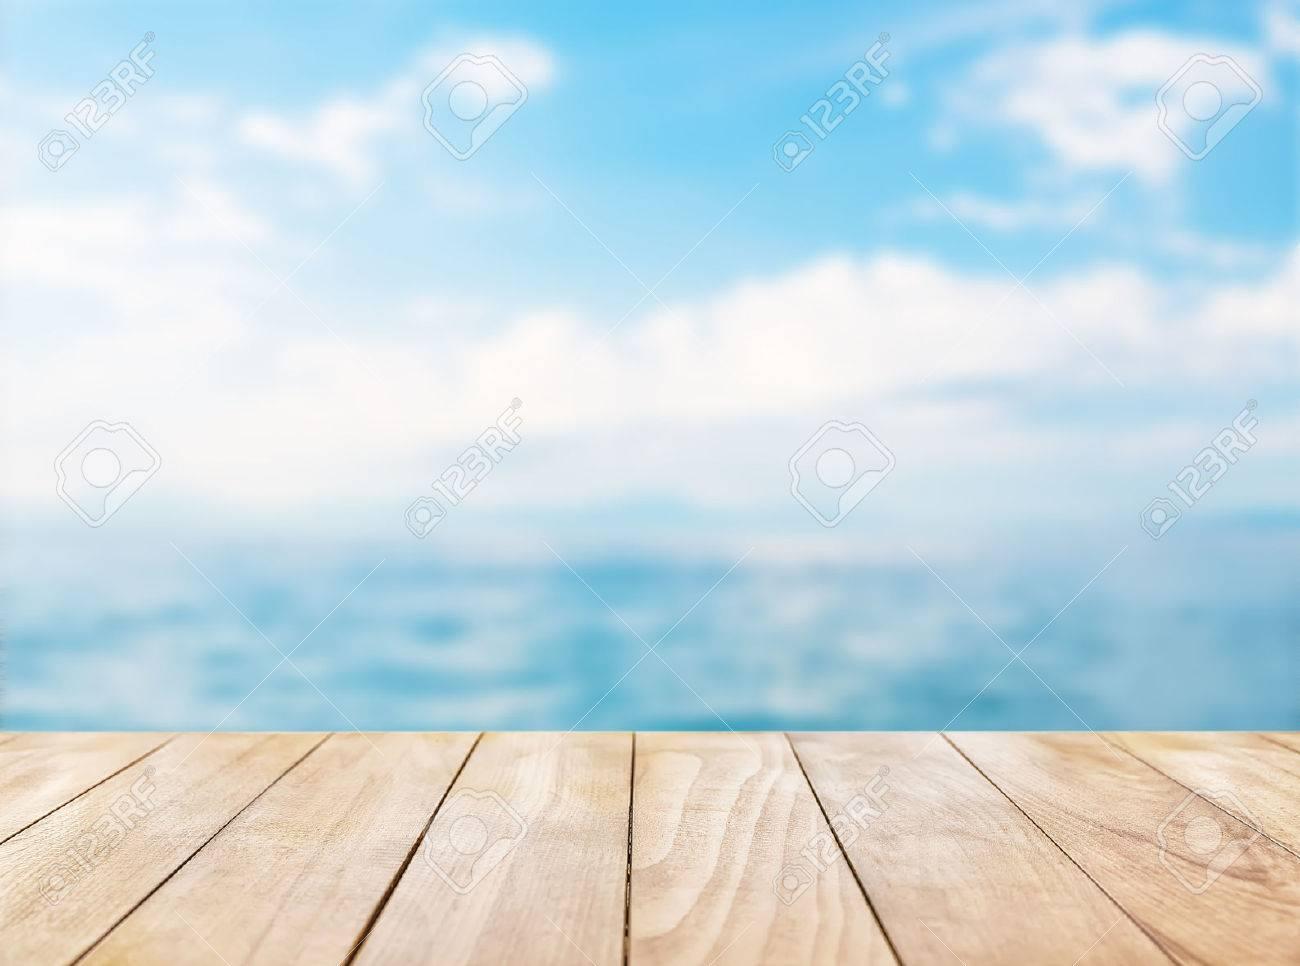 Holztischplatte Auf Blauem Meer Und Den Weißen Sandstrand